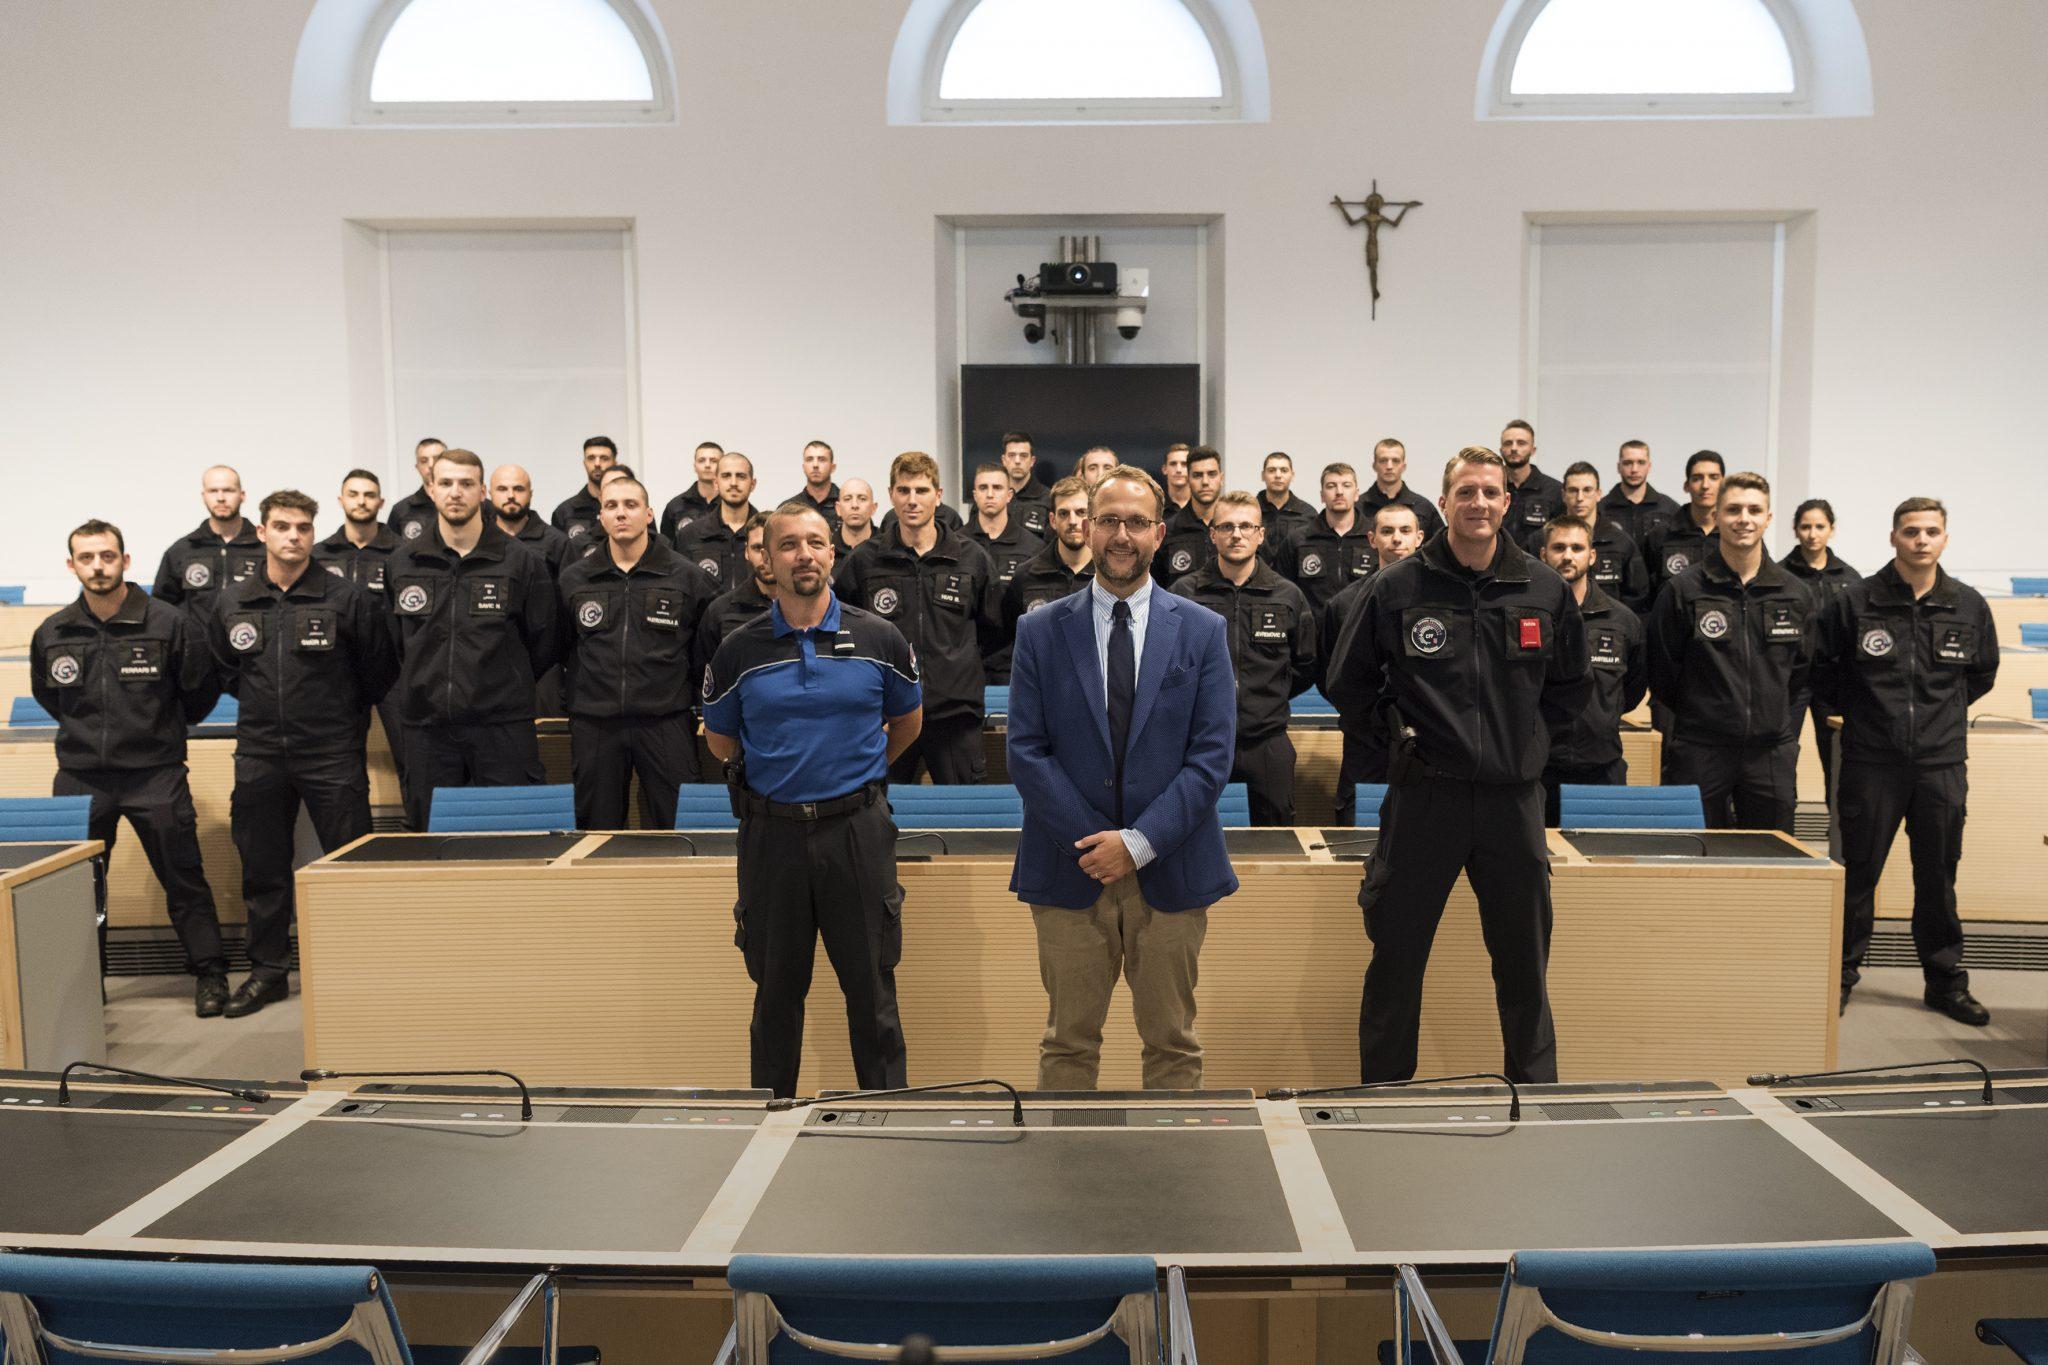 Il Direttore del Dipartimento delle istituzioni incontra gli aspiranti agenti della Scuola cantonale di polizia